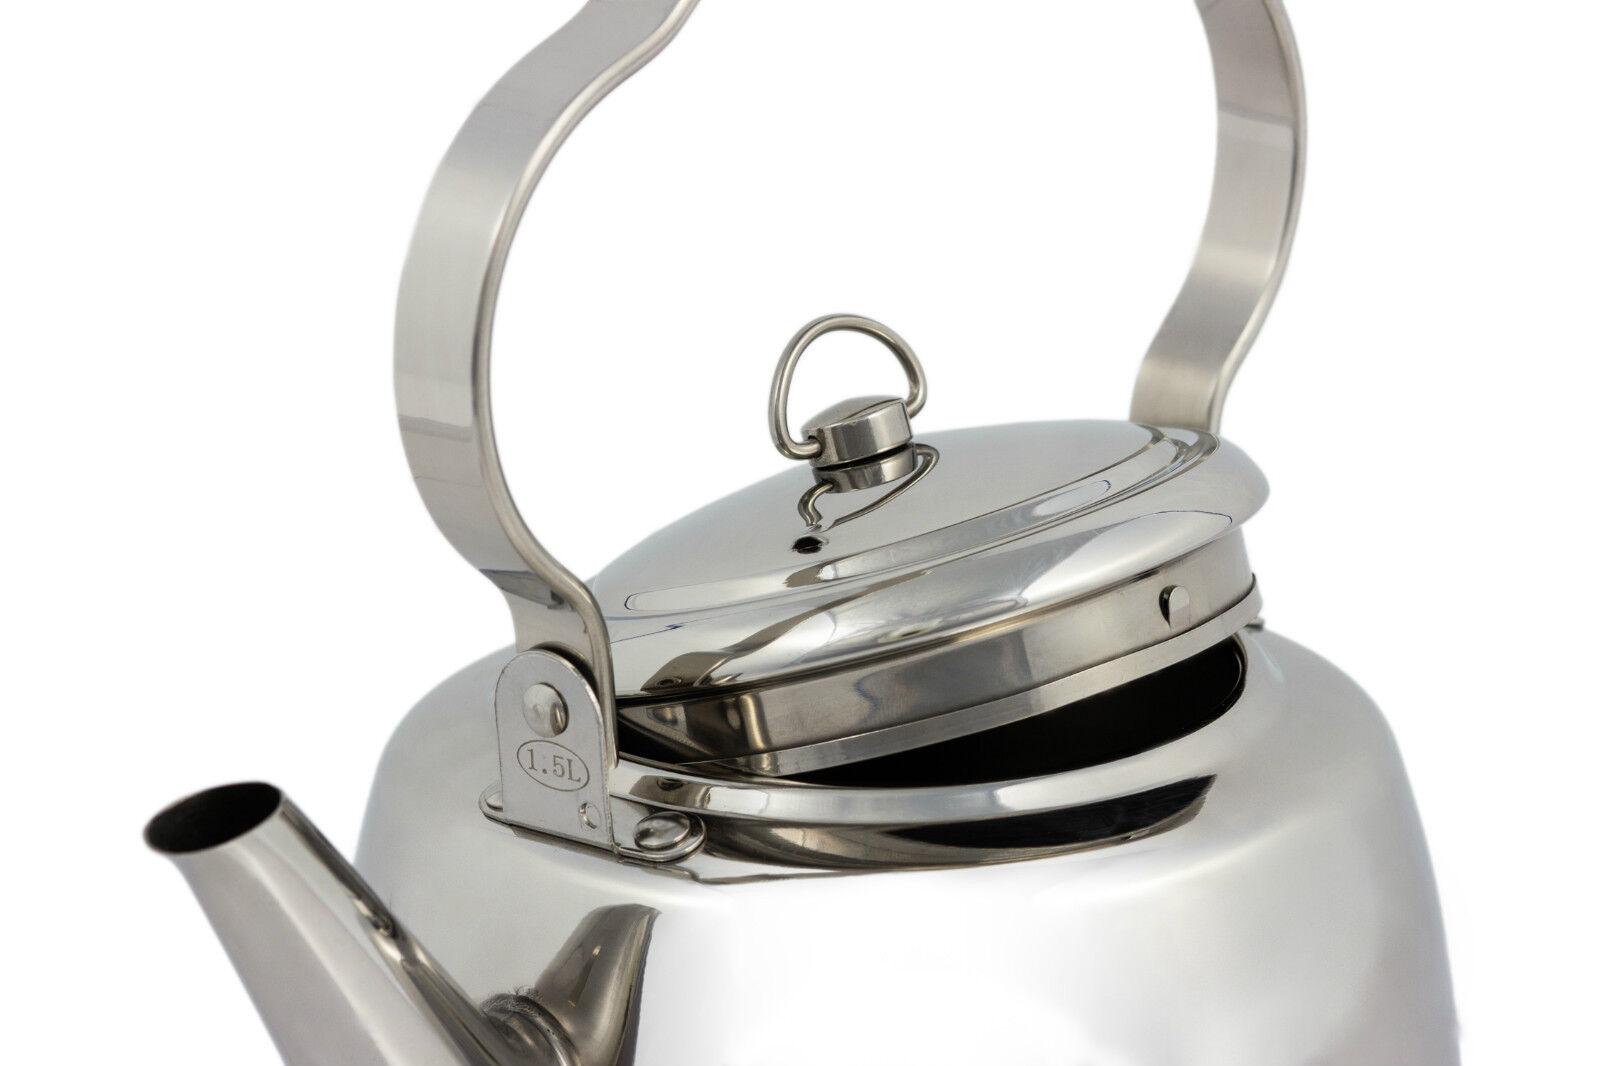 Petromax Teekessel Teekessel Teekessel Teekanne Kessel Tee  | Einfach zu bedienen  0c9d5c